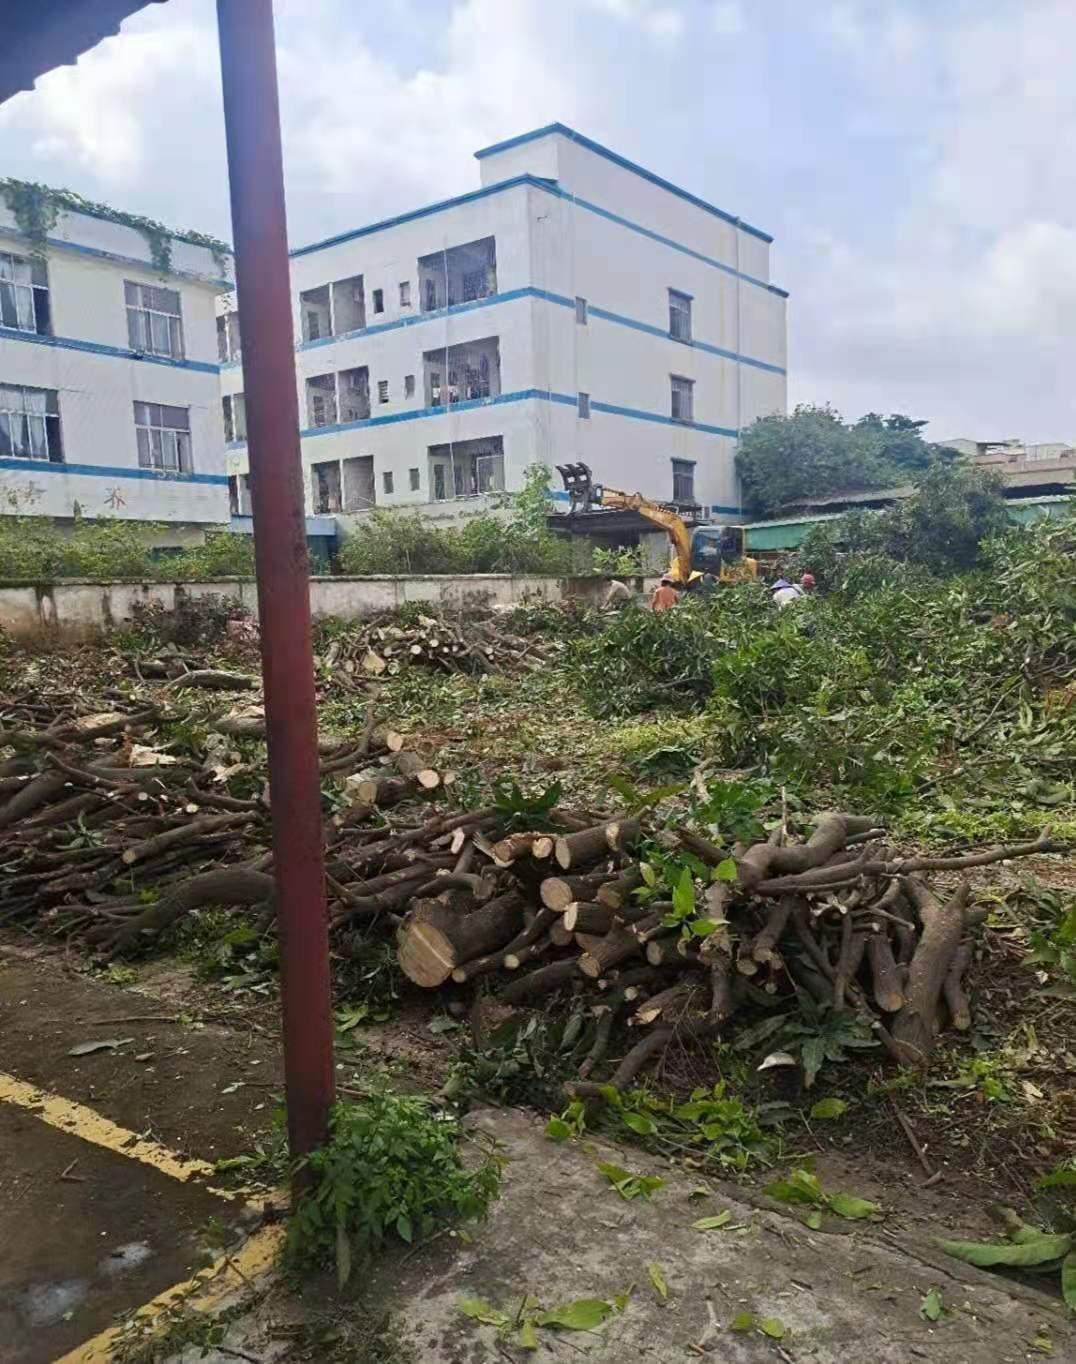 绿化垃圾清理|绿化养护|园林养护